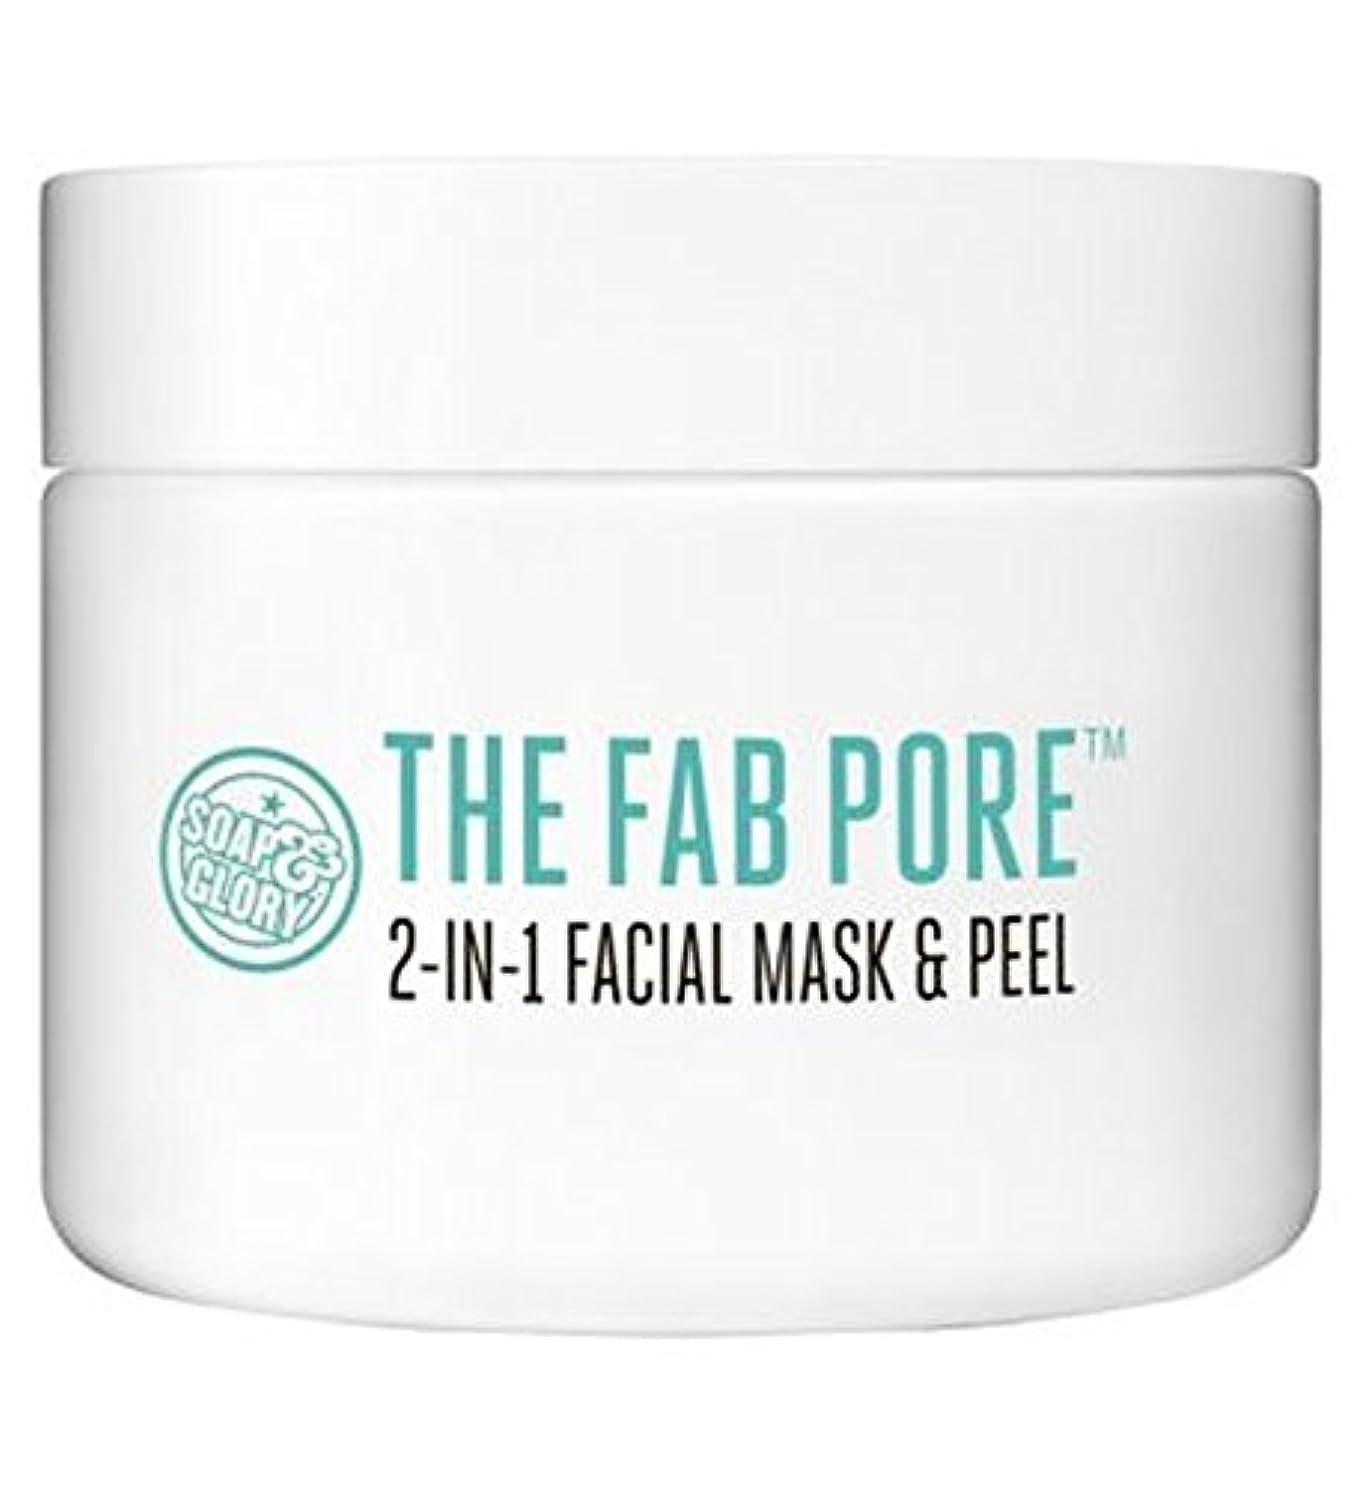 ブラウス実証するマンハッタンSoap & Glory? Fab Pore? 2-in-1 Facial Pore Purifying Mask & Peel - ファブ細孔?2イン1顔の細孔浄化マスク&ピール?石鹸&栄光 (Soap & Glory...